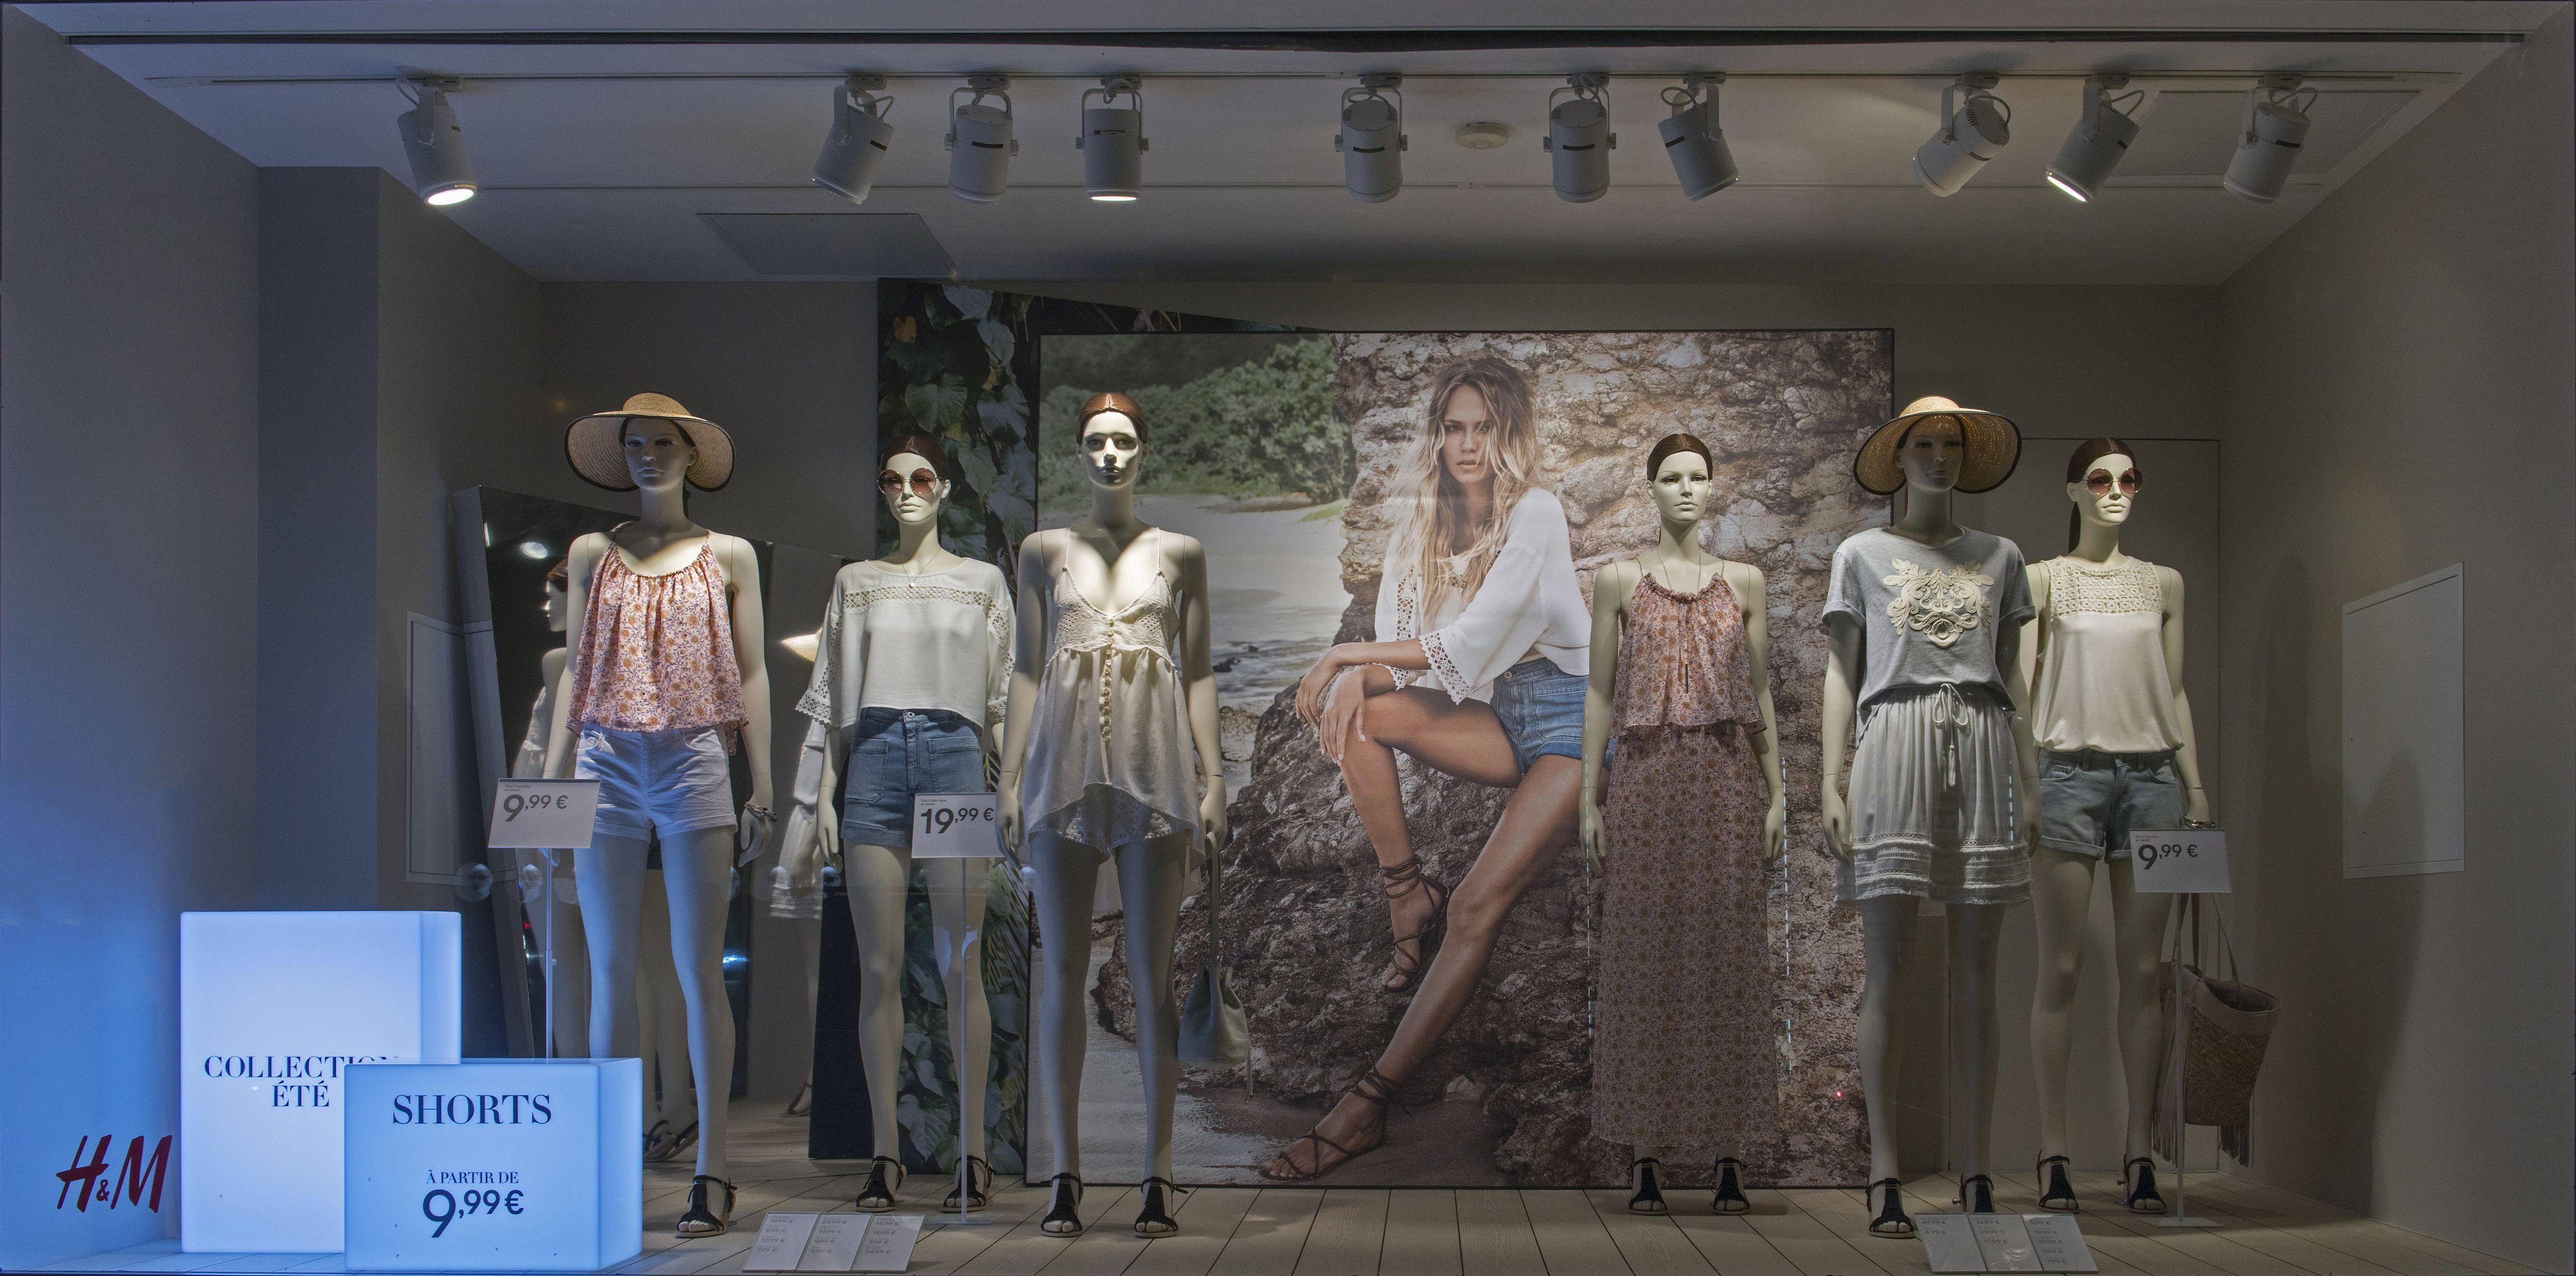 d0ae3e0bcbb6c Budget Shopping in Paris